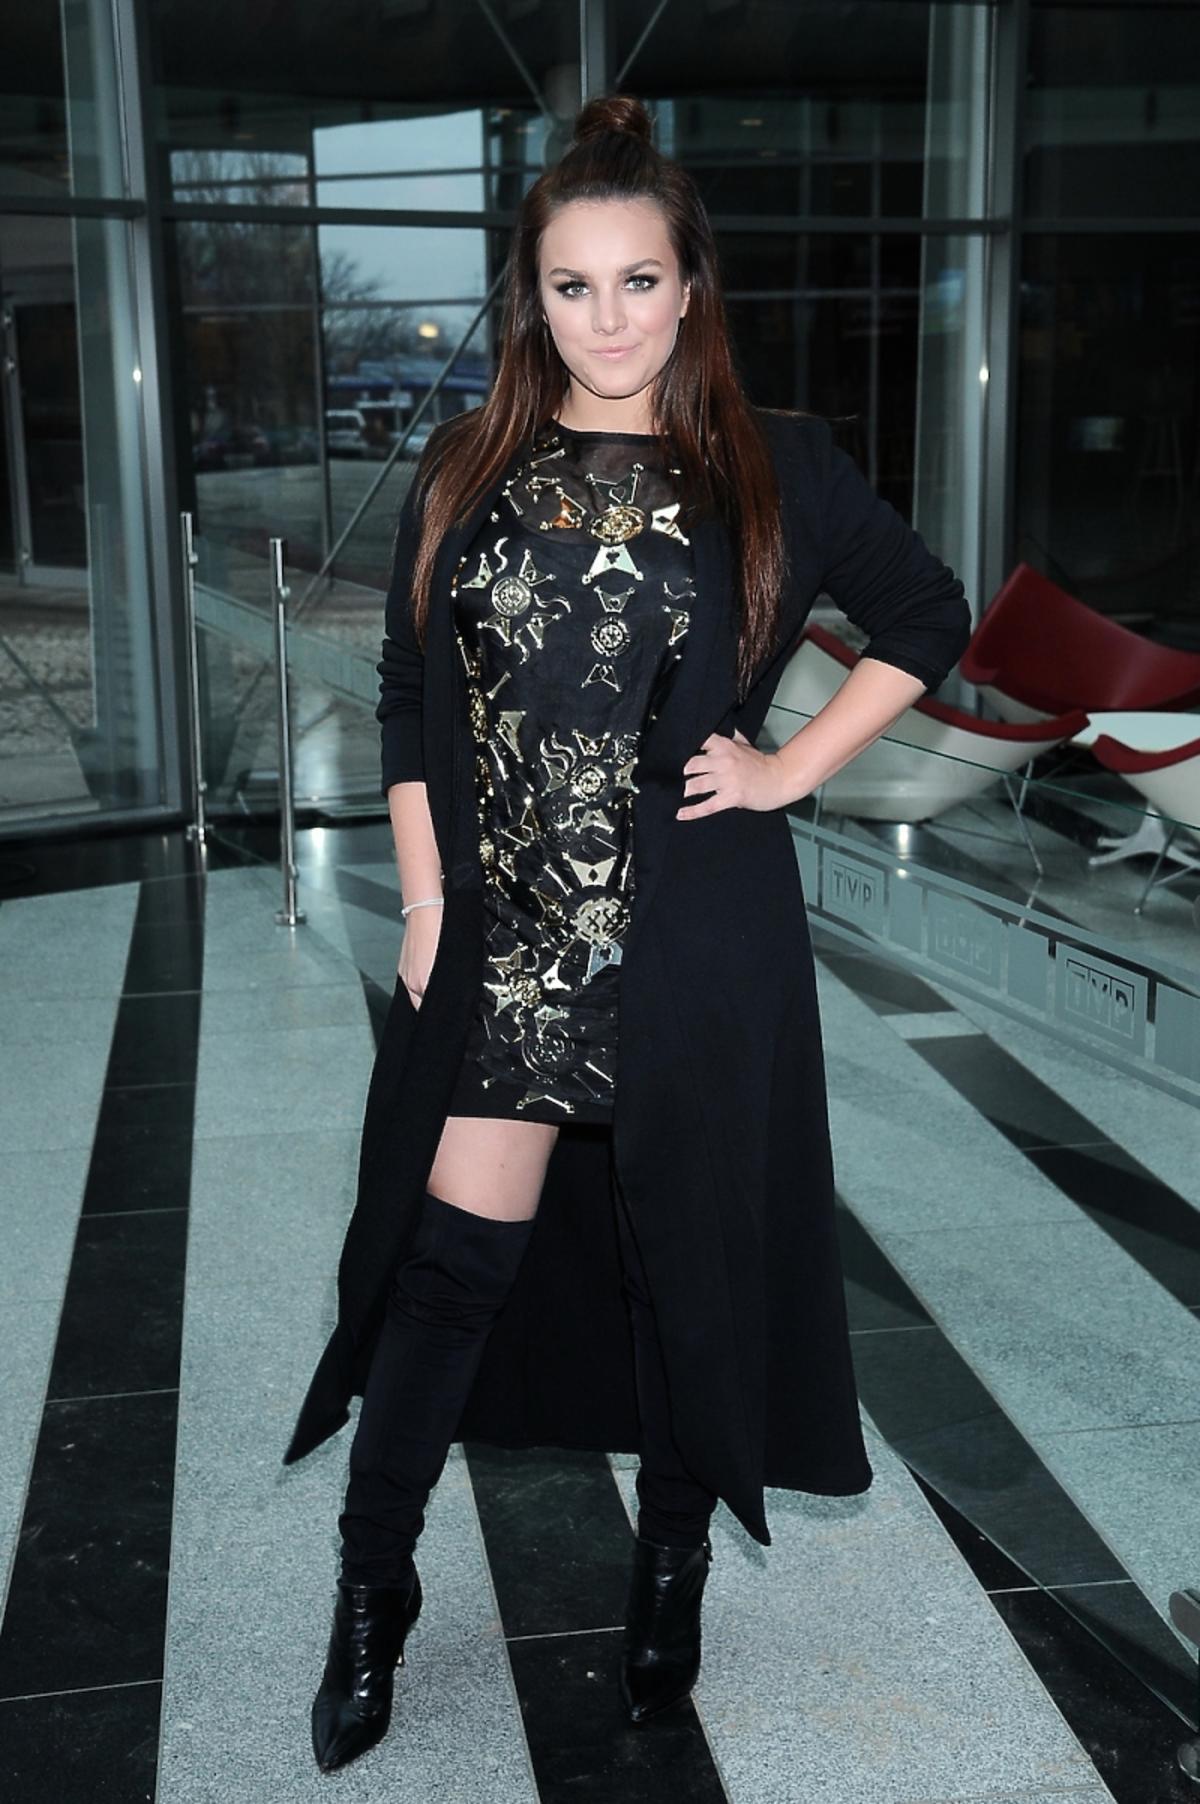 Ewa Farna w czarnym płaszczu i botkach, sukience z metalowymi ozdobami